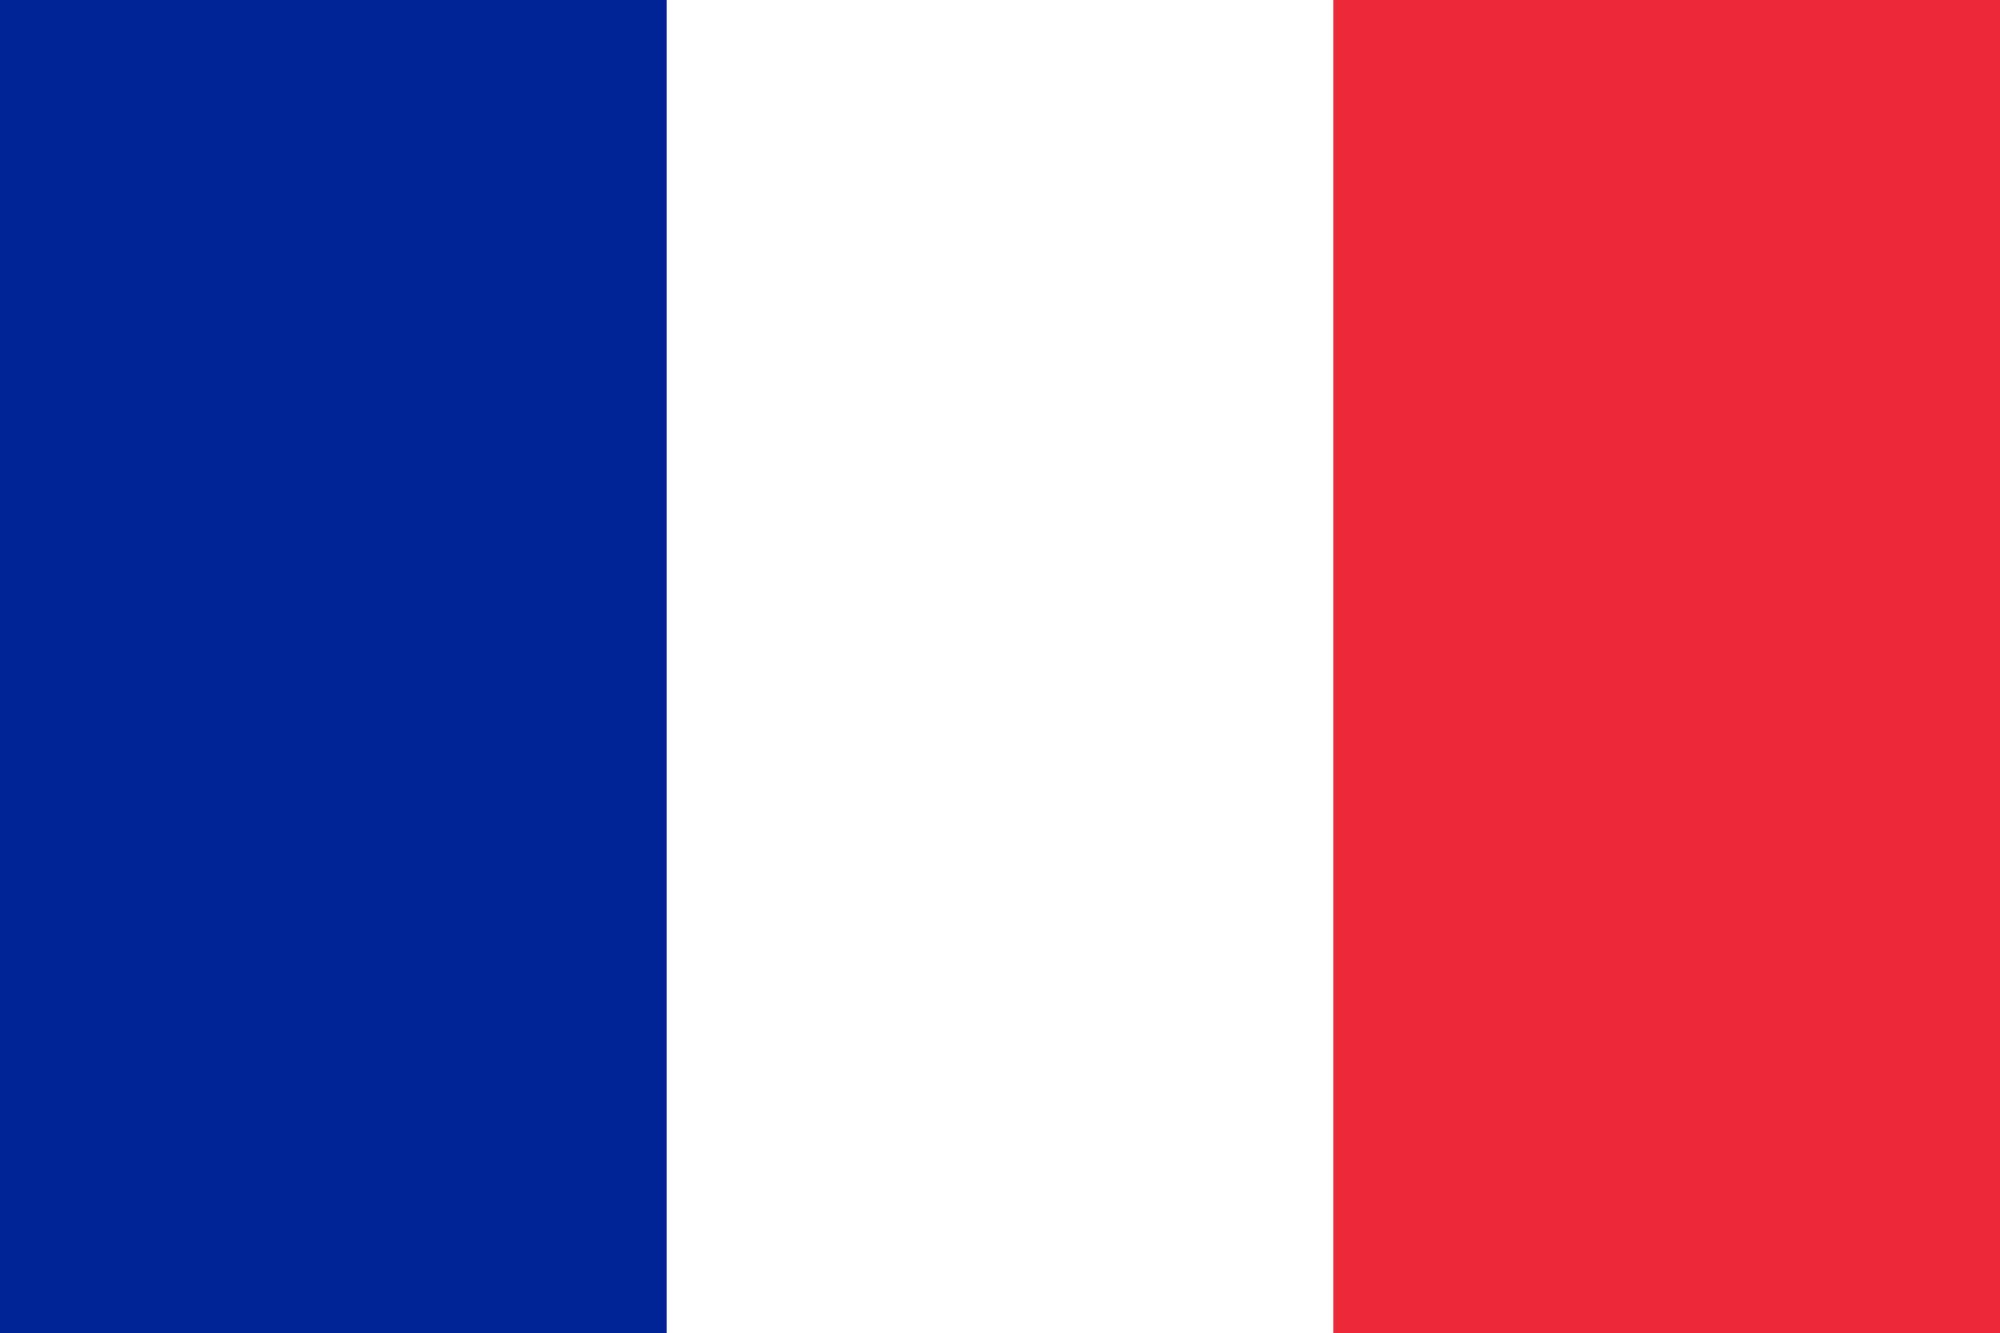 Themen dekoration frankreich flagge fahne Dekoration frankreich